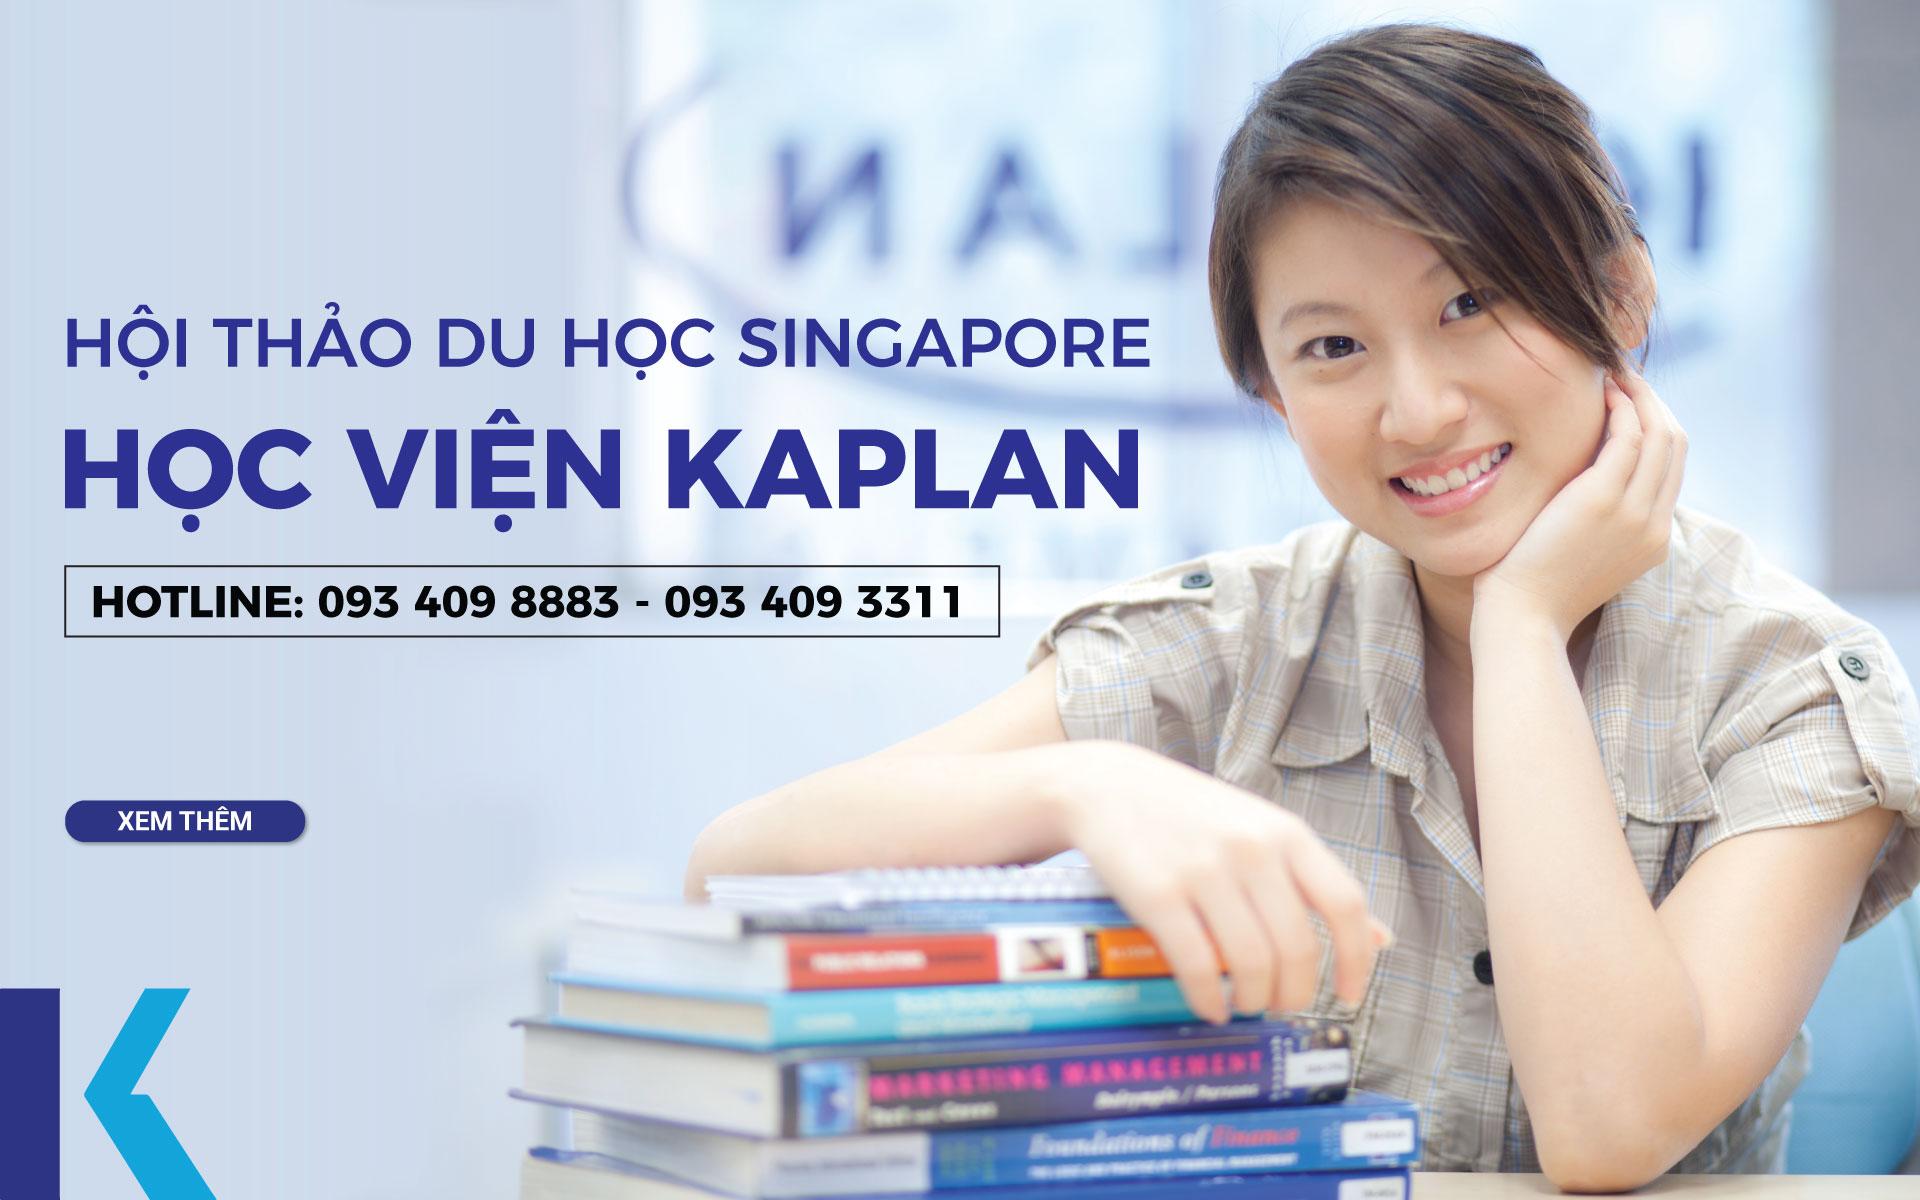 Hội thảo du học Singapore – Học viện Kaplan tháng 5/2018